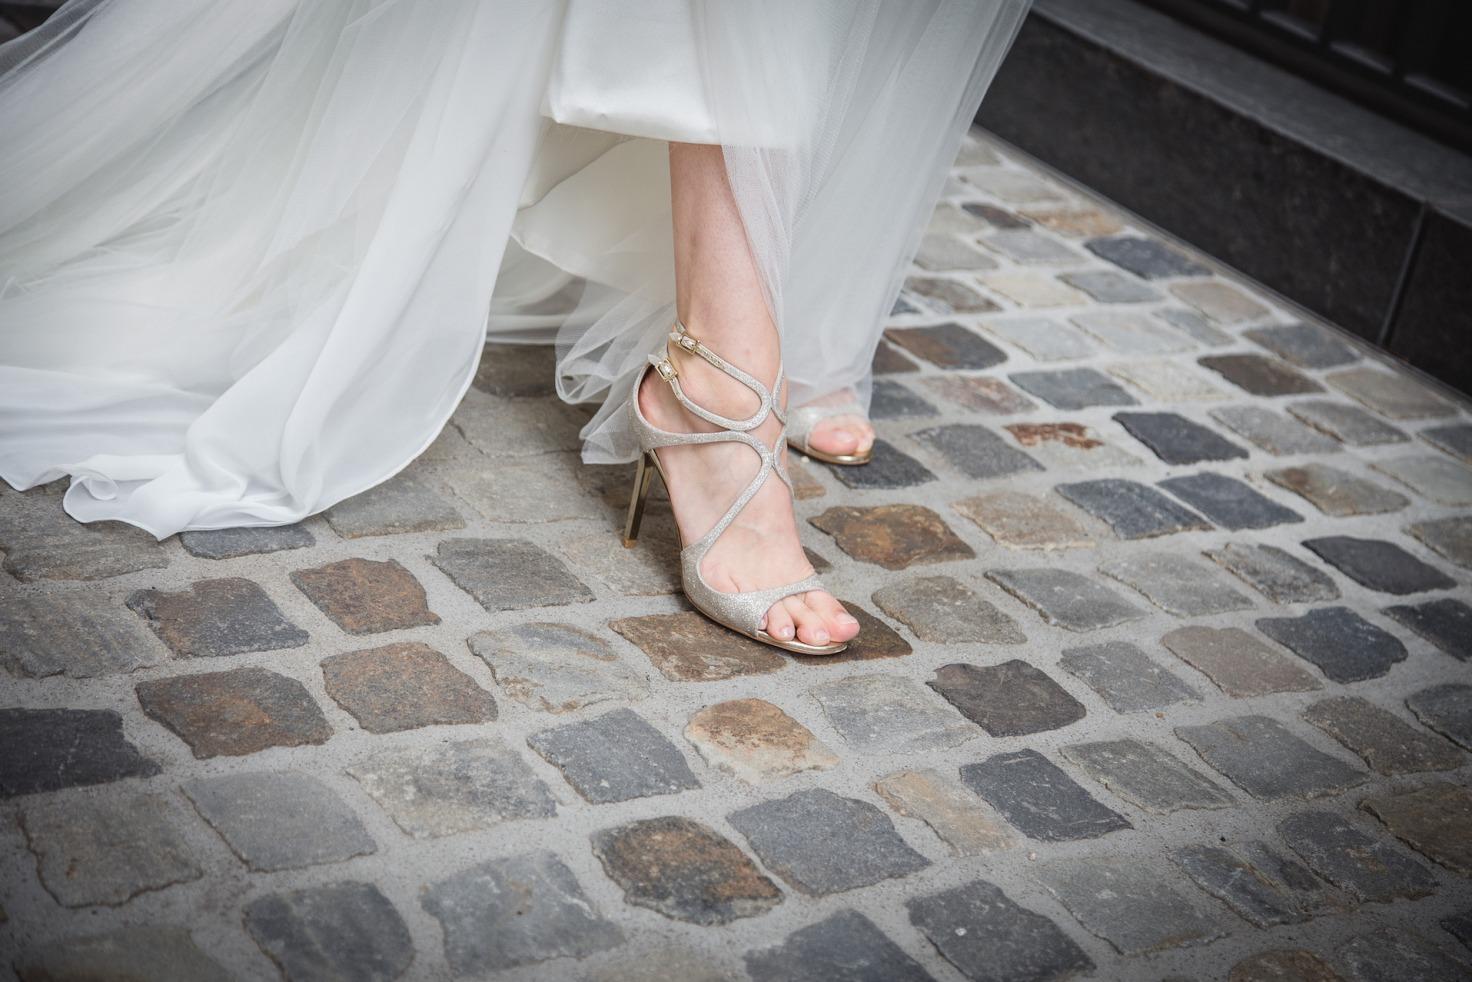 Hochzeit von Laura und Marco in Münster: Braut zeigt ihre Brautschuhe